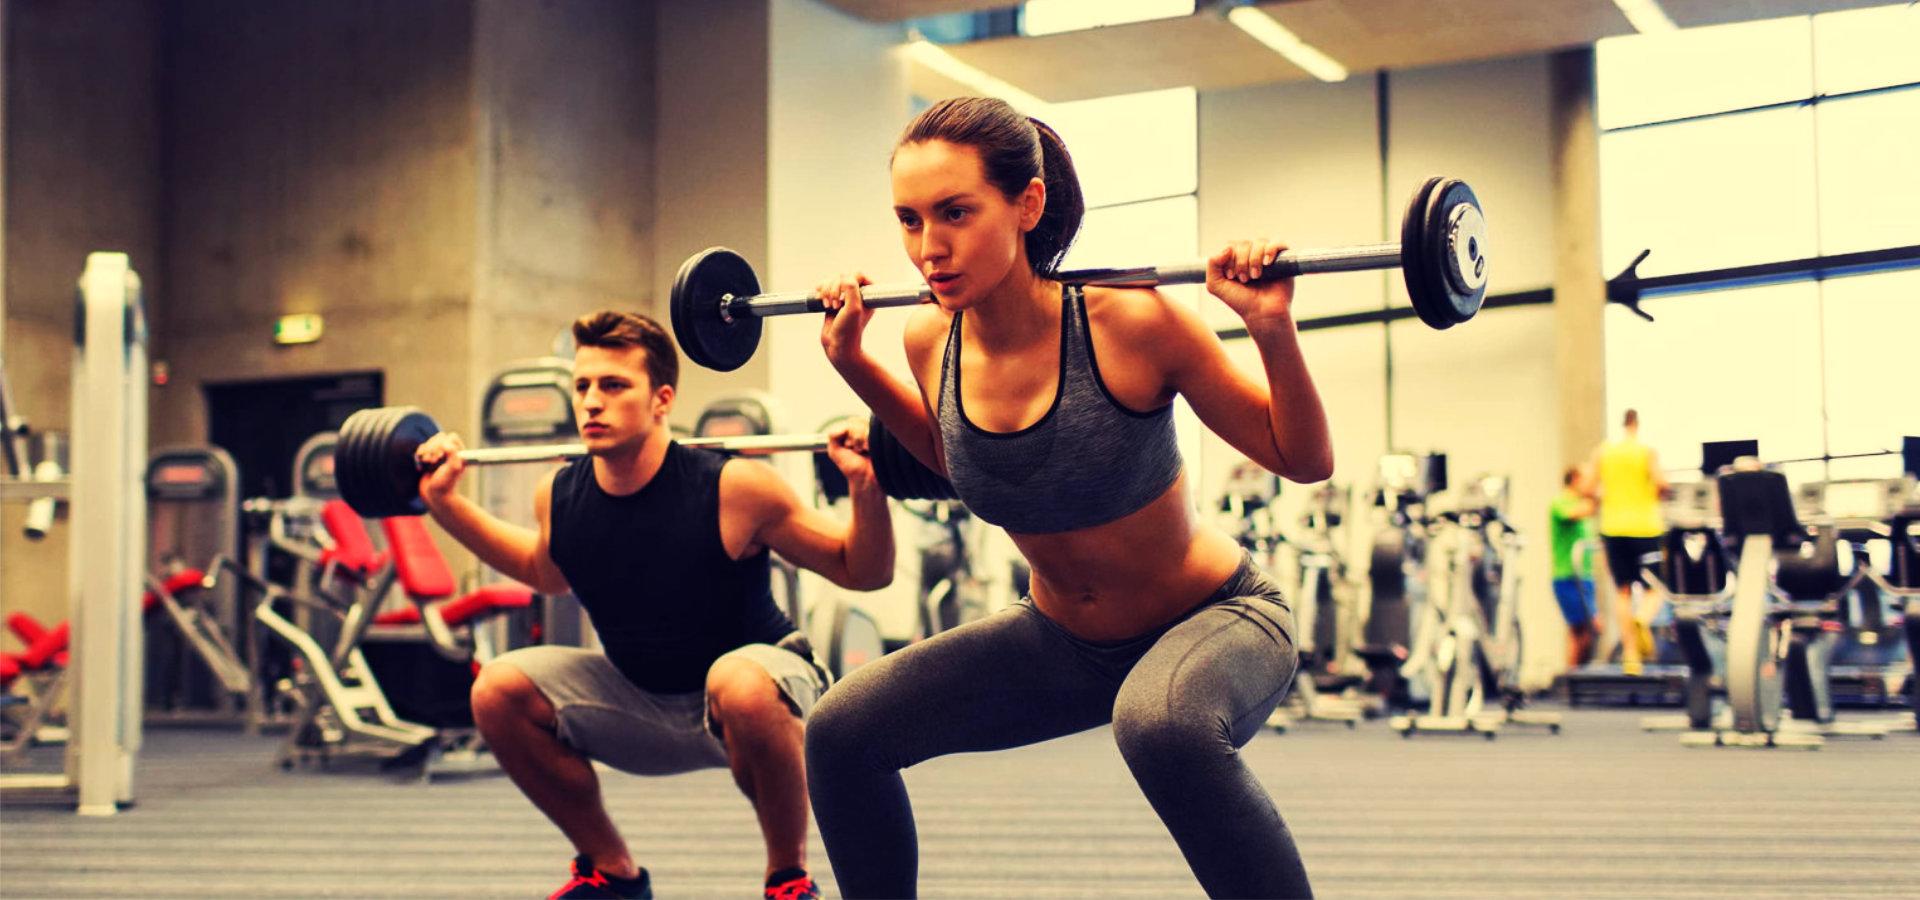 man and woman lifting barbel